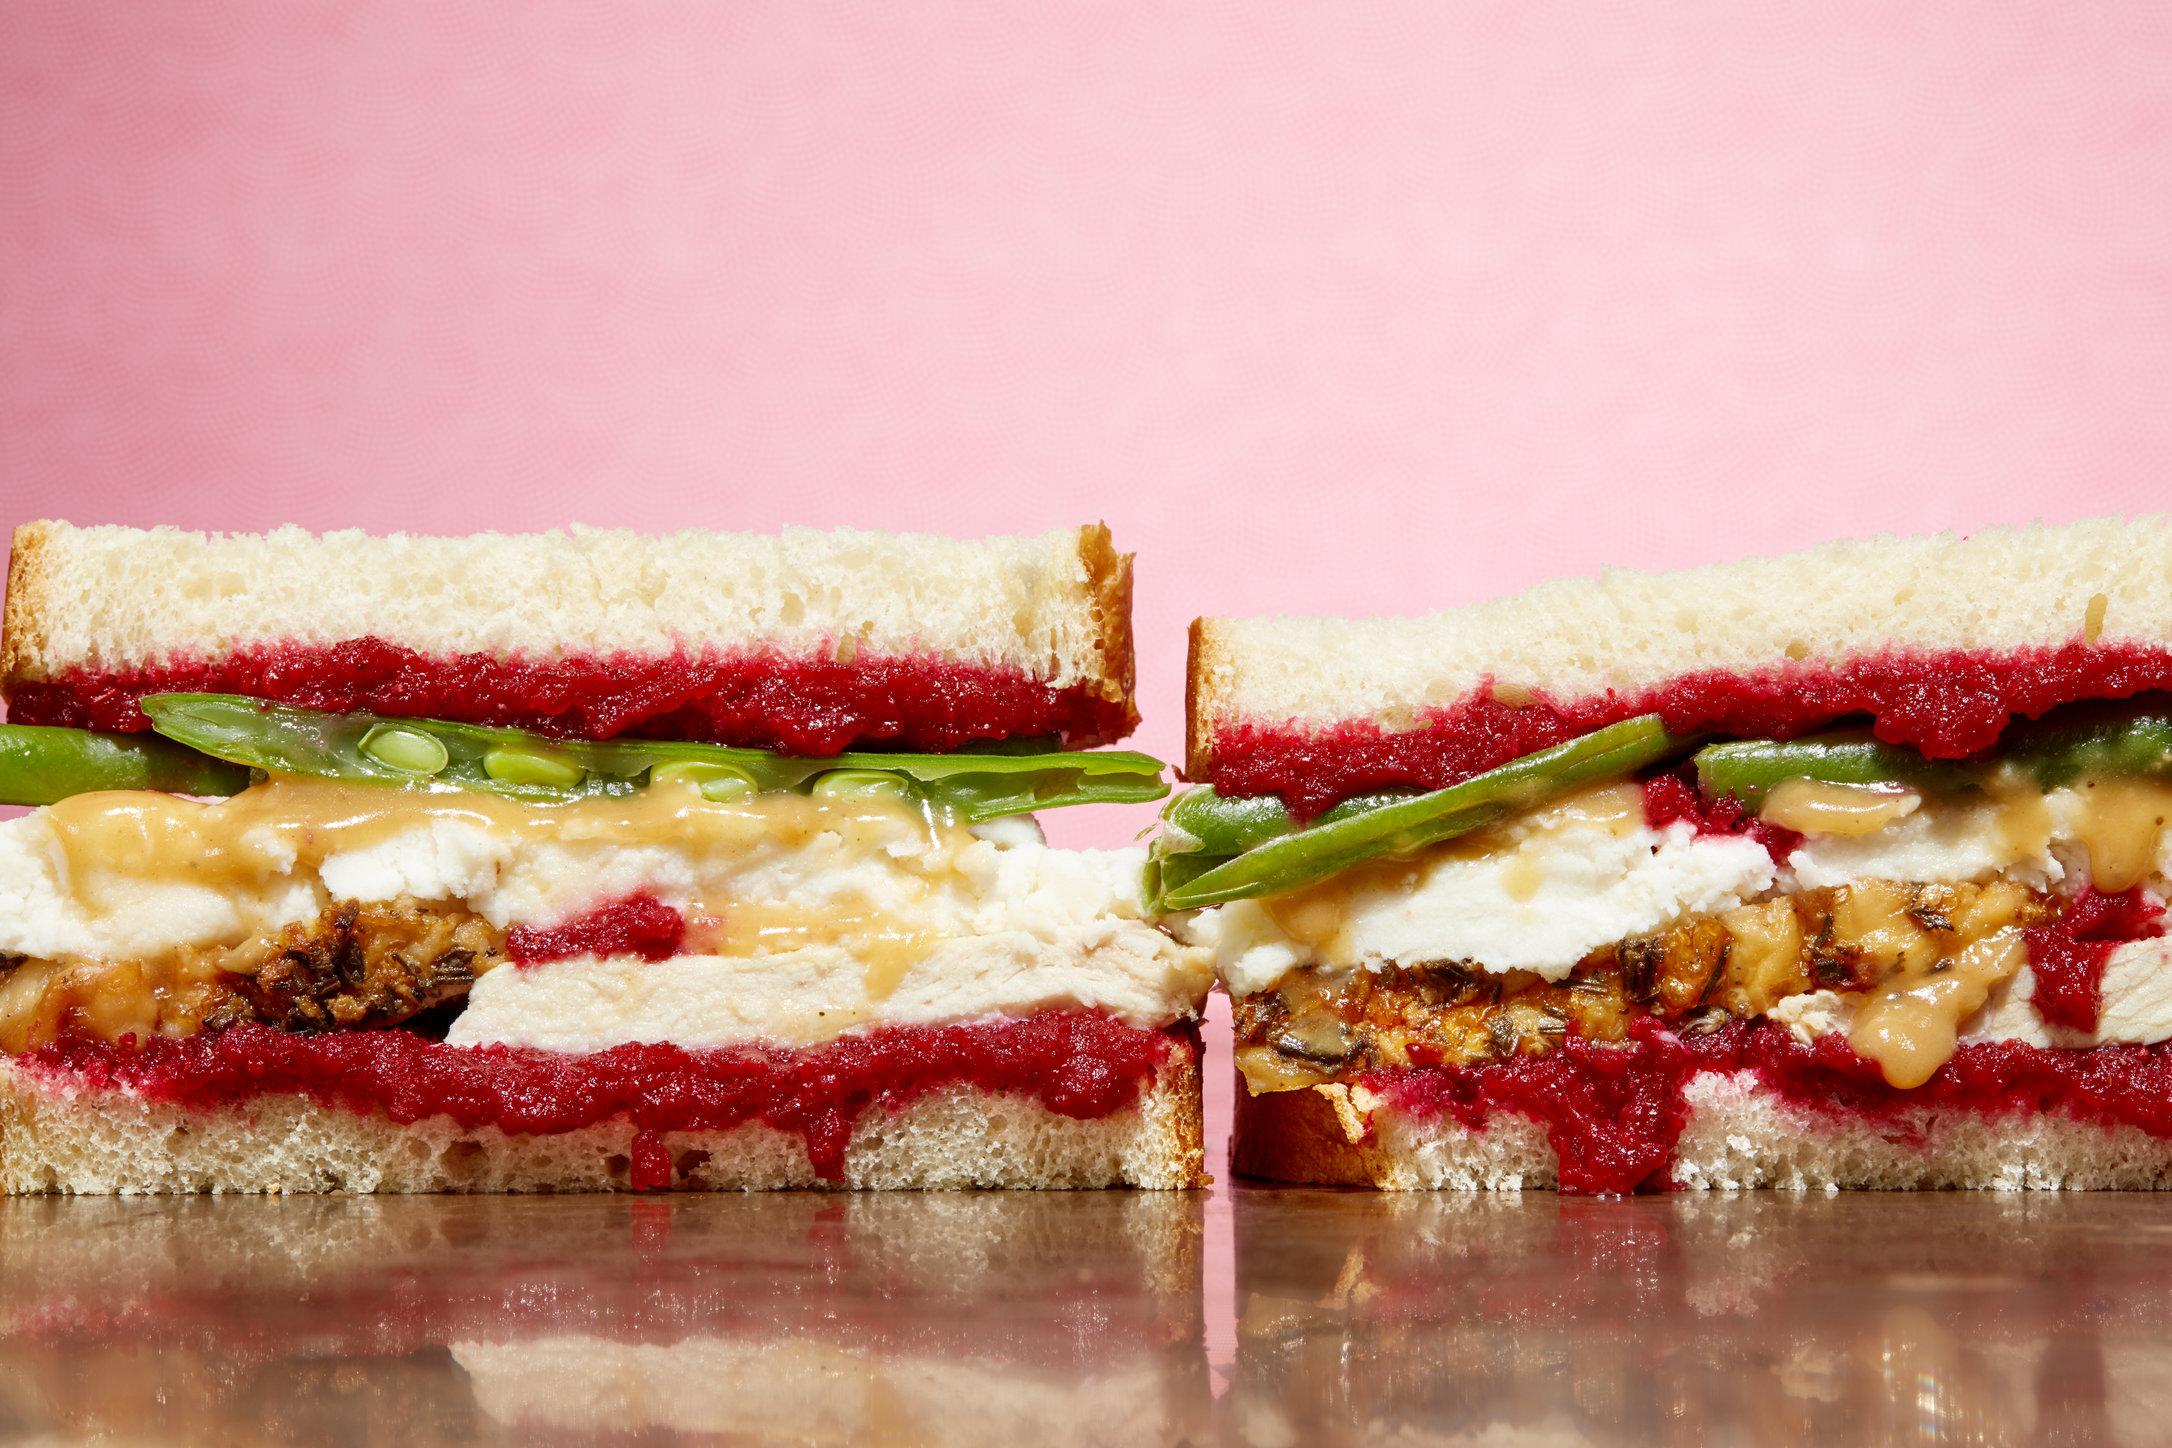 ep_11182015_thanksgivingleftovers_sandwich_CLEANED.jpg